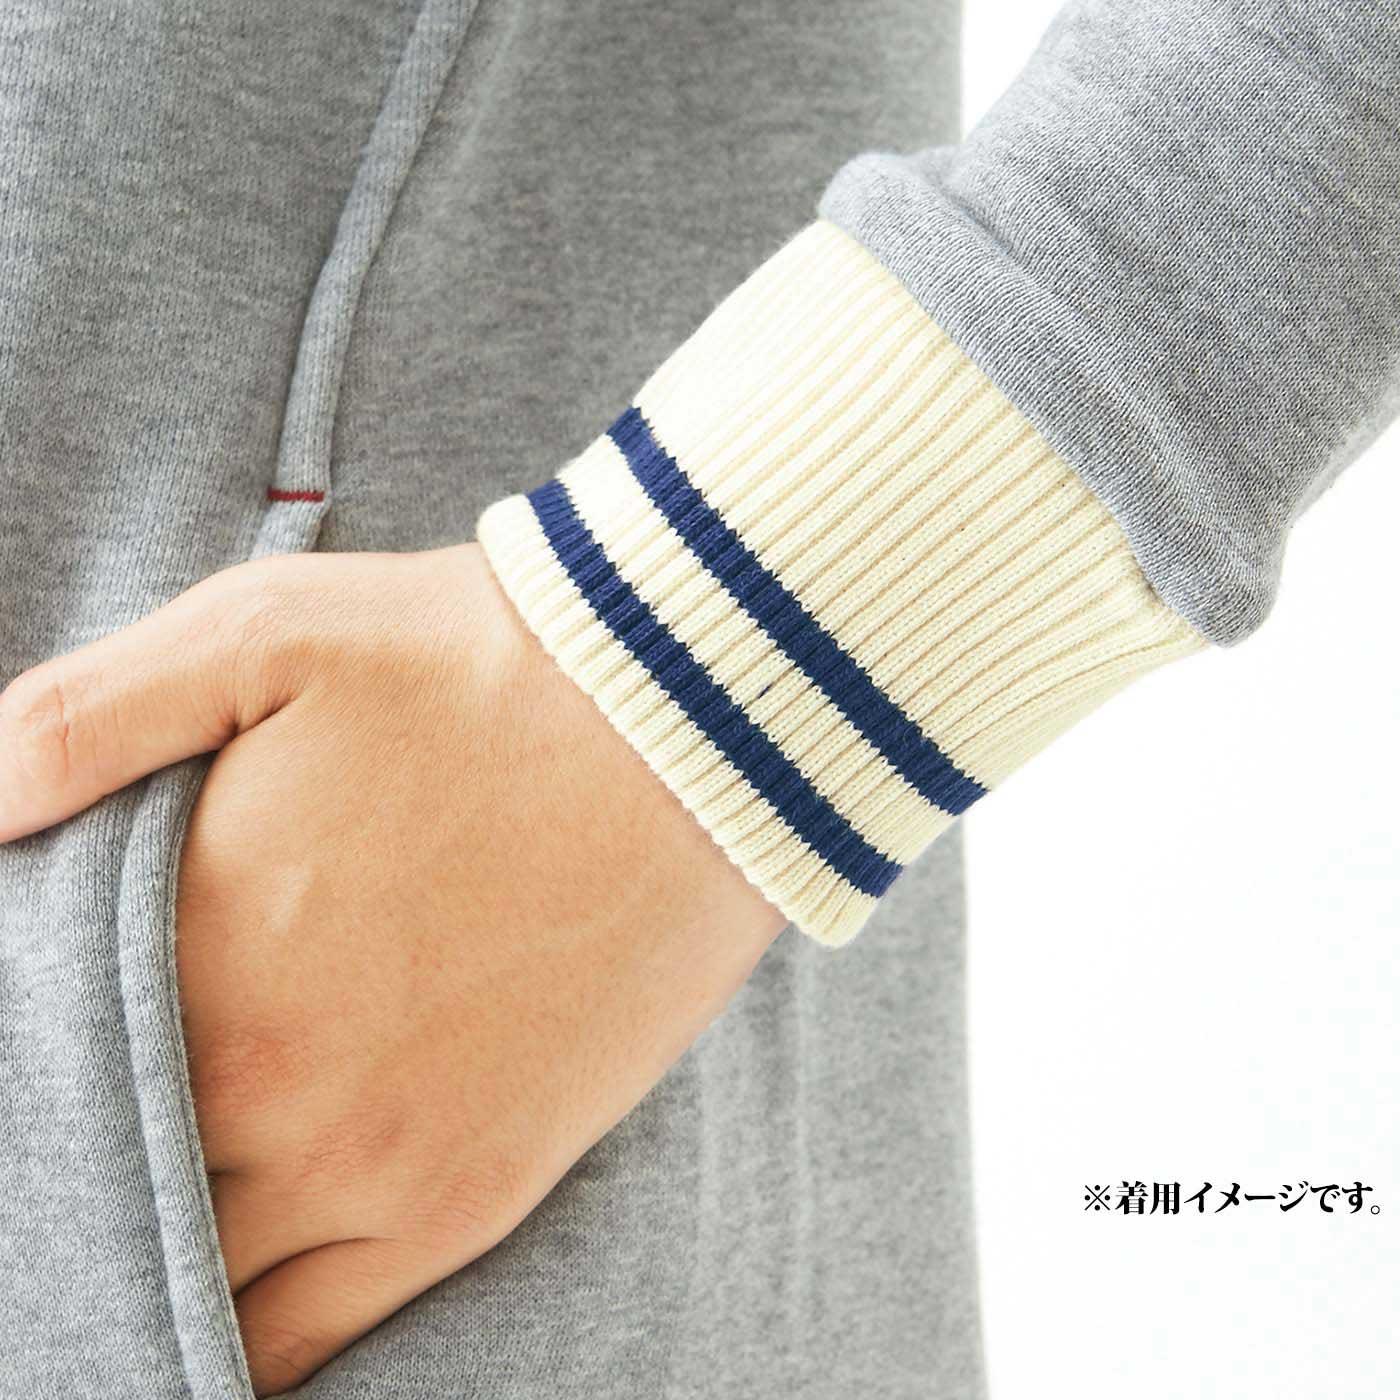 手もとを美しく見せるリブ遣いで、手首からのすき間風をブロック。